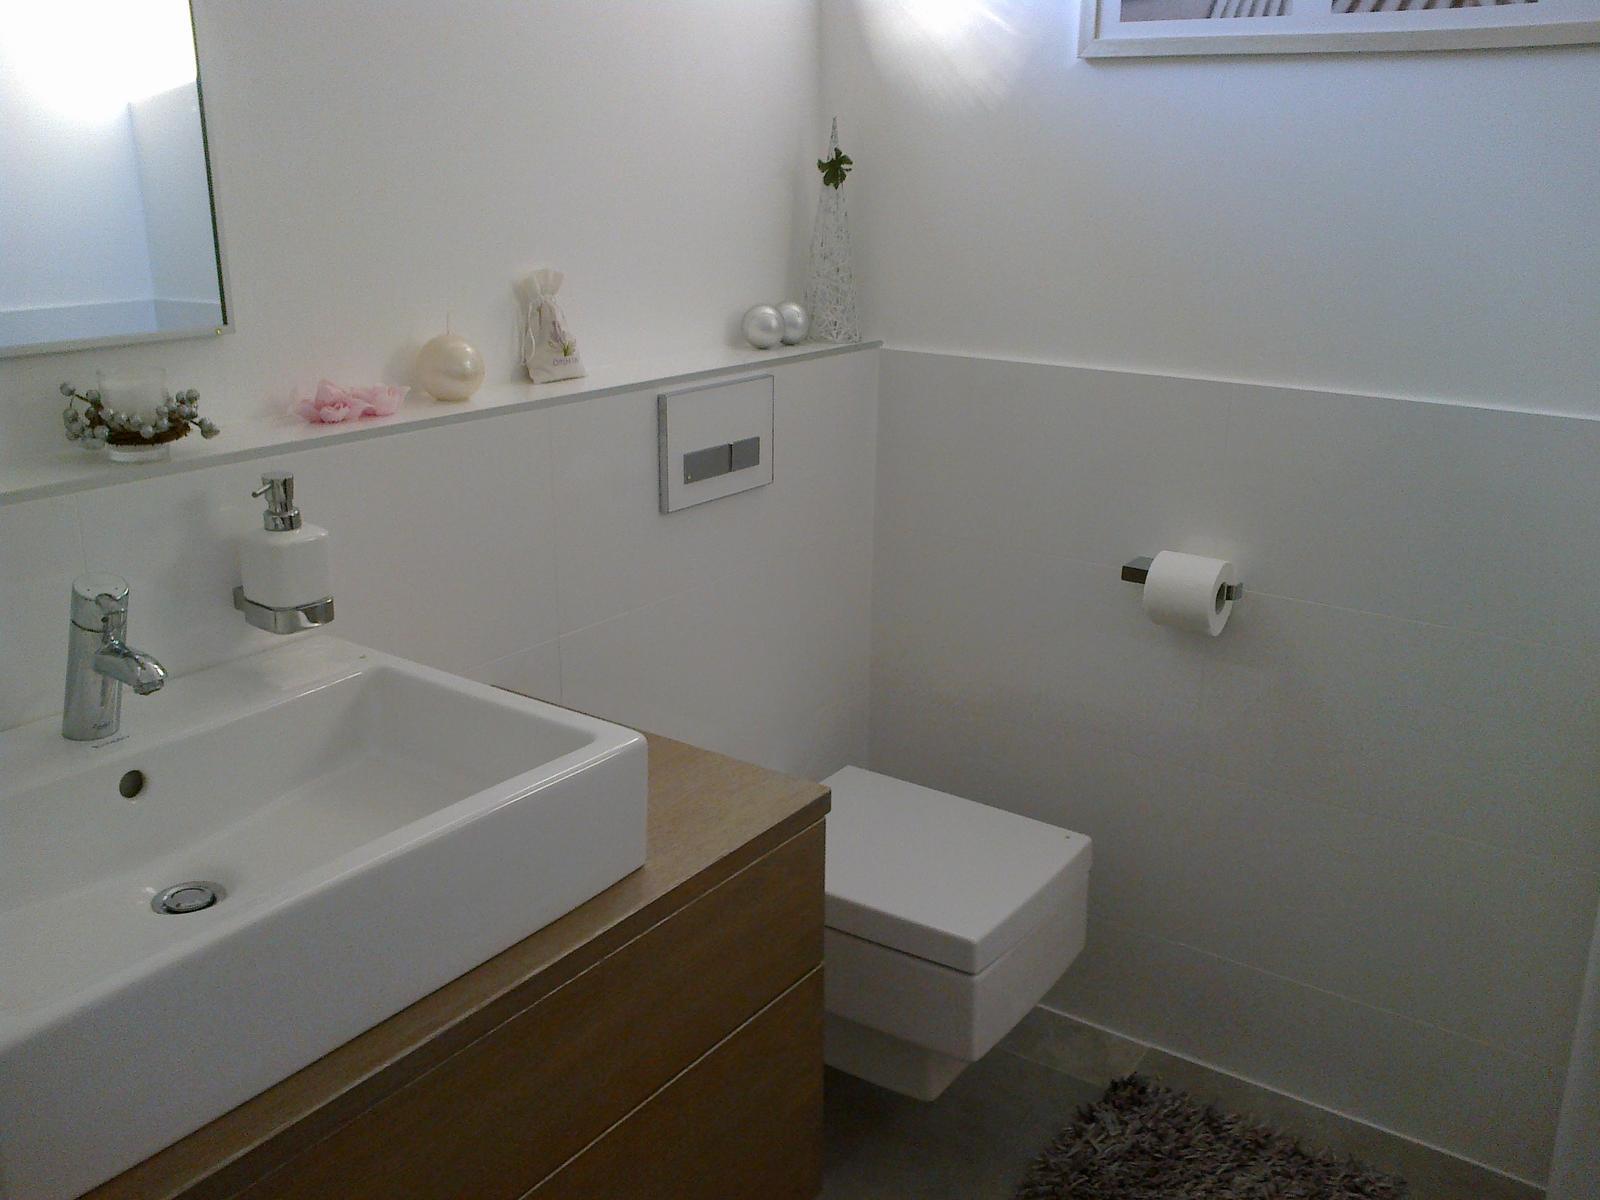 Nová kúpeľňa a sprcha - Obrázok č. 55